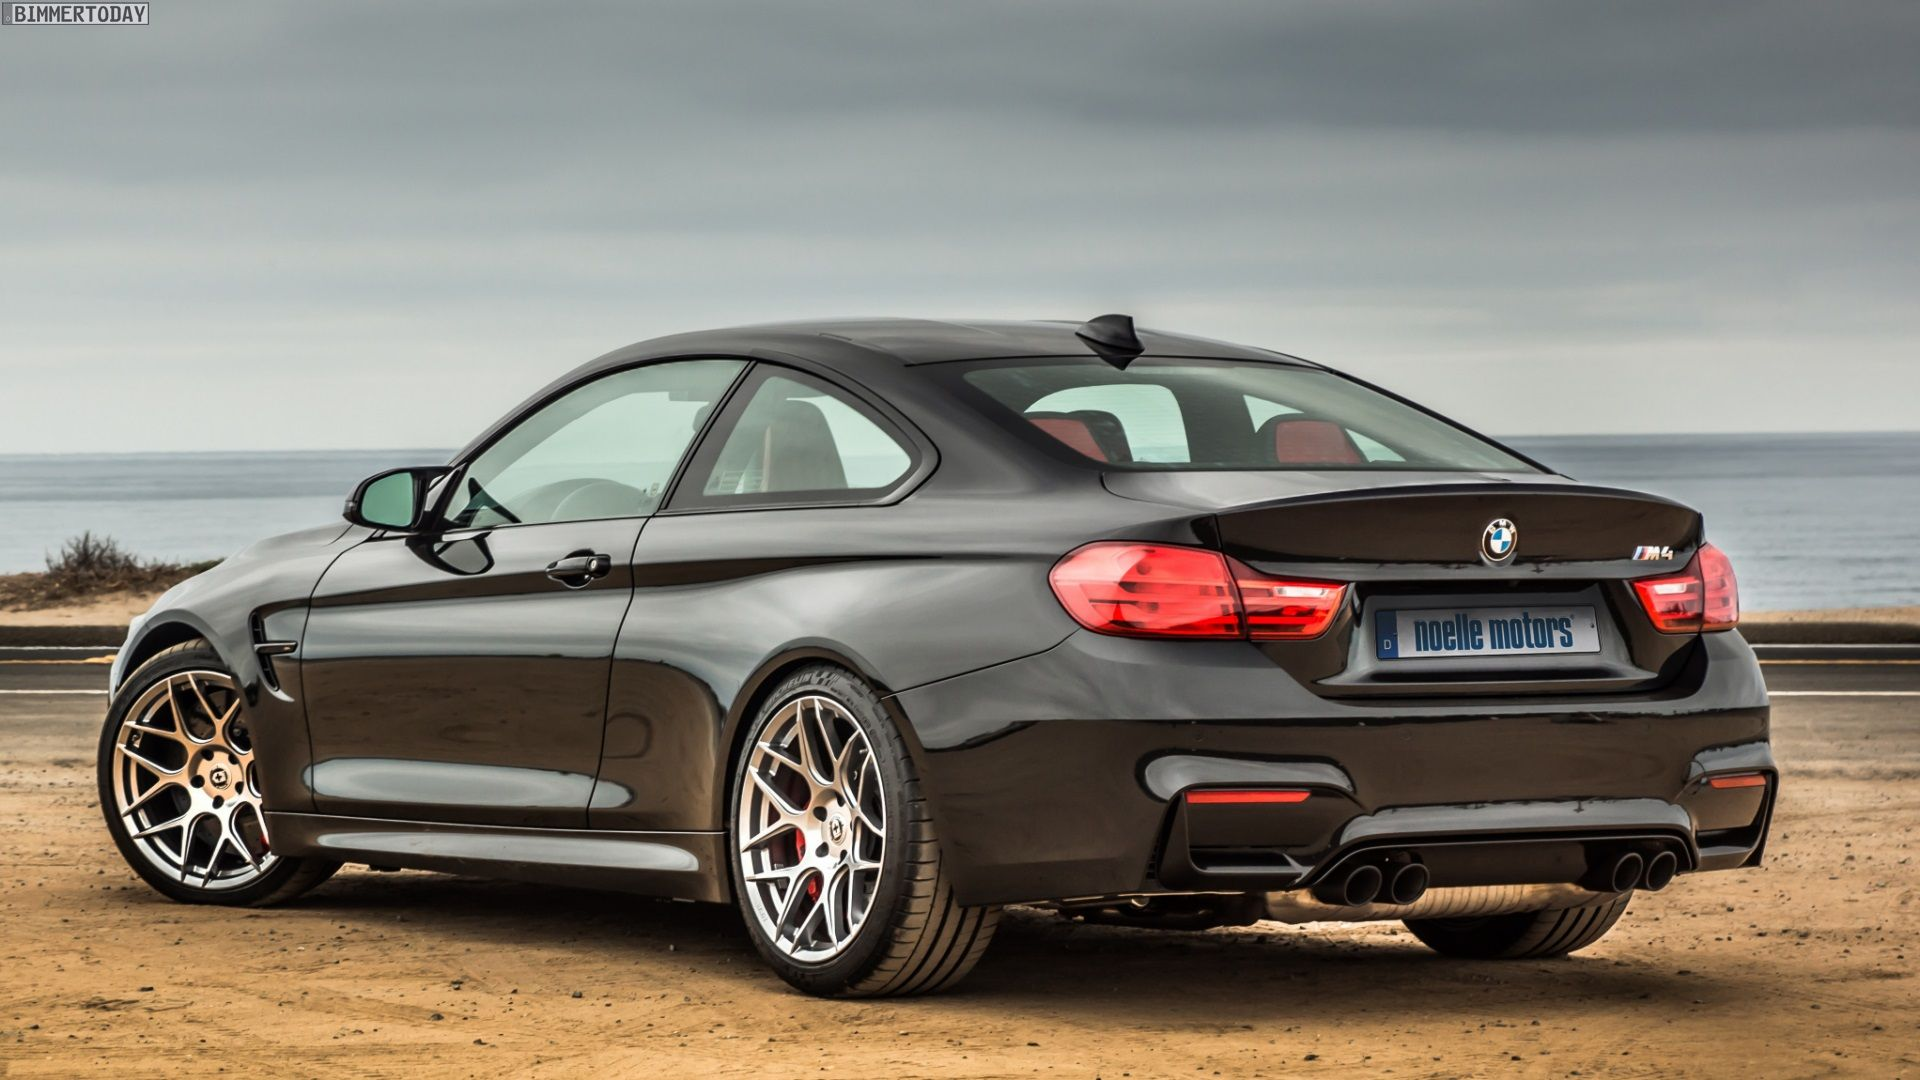 Noelle #BMW M4 Tuning S55 750x421 Noelle Motors BMW M4